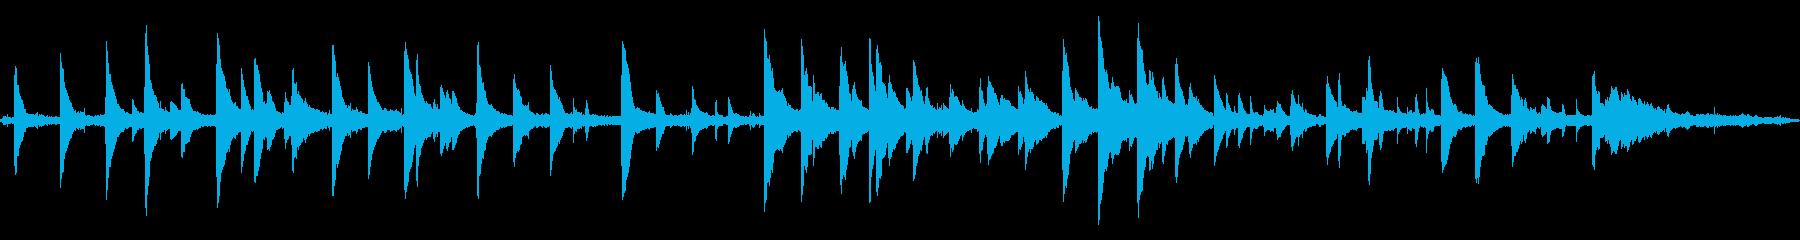 海とピアノの再生済みの波形